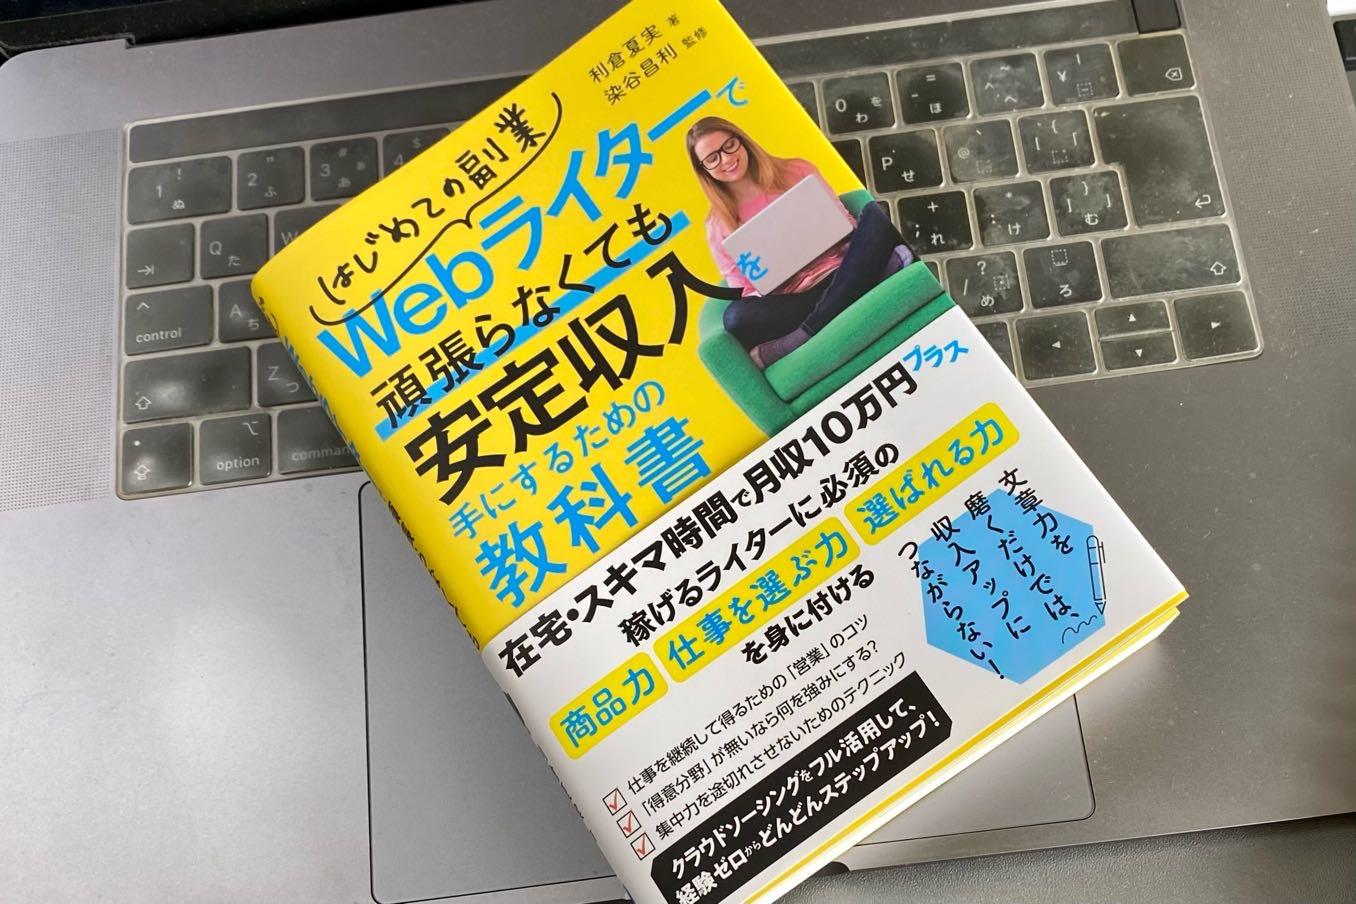 『はじめての副業Webライターで頑張らなくても安定収入を手にするための教科書』